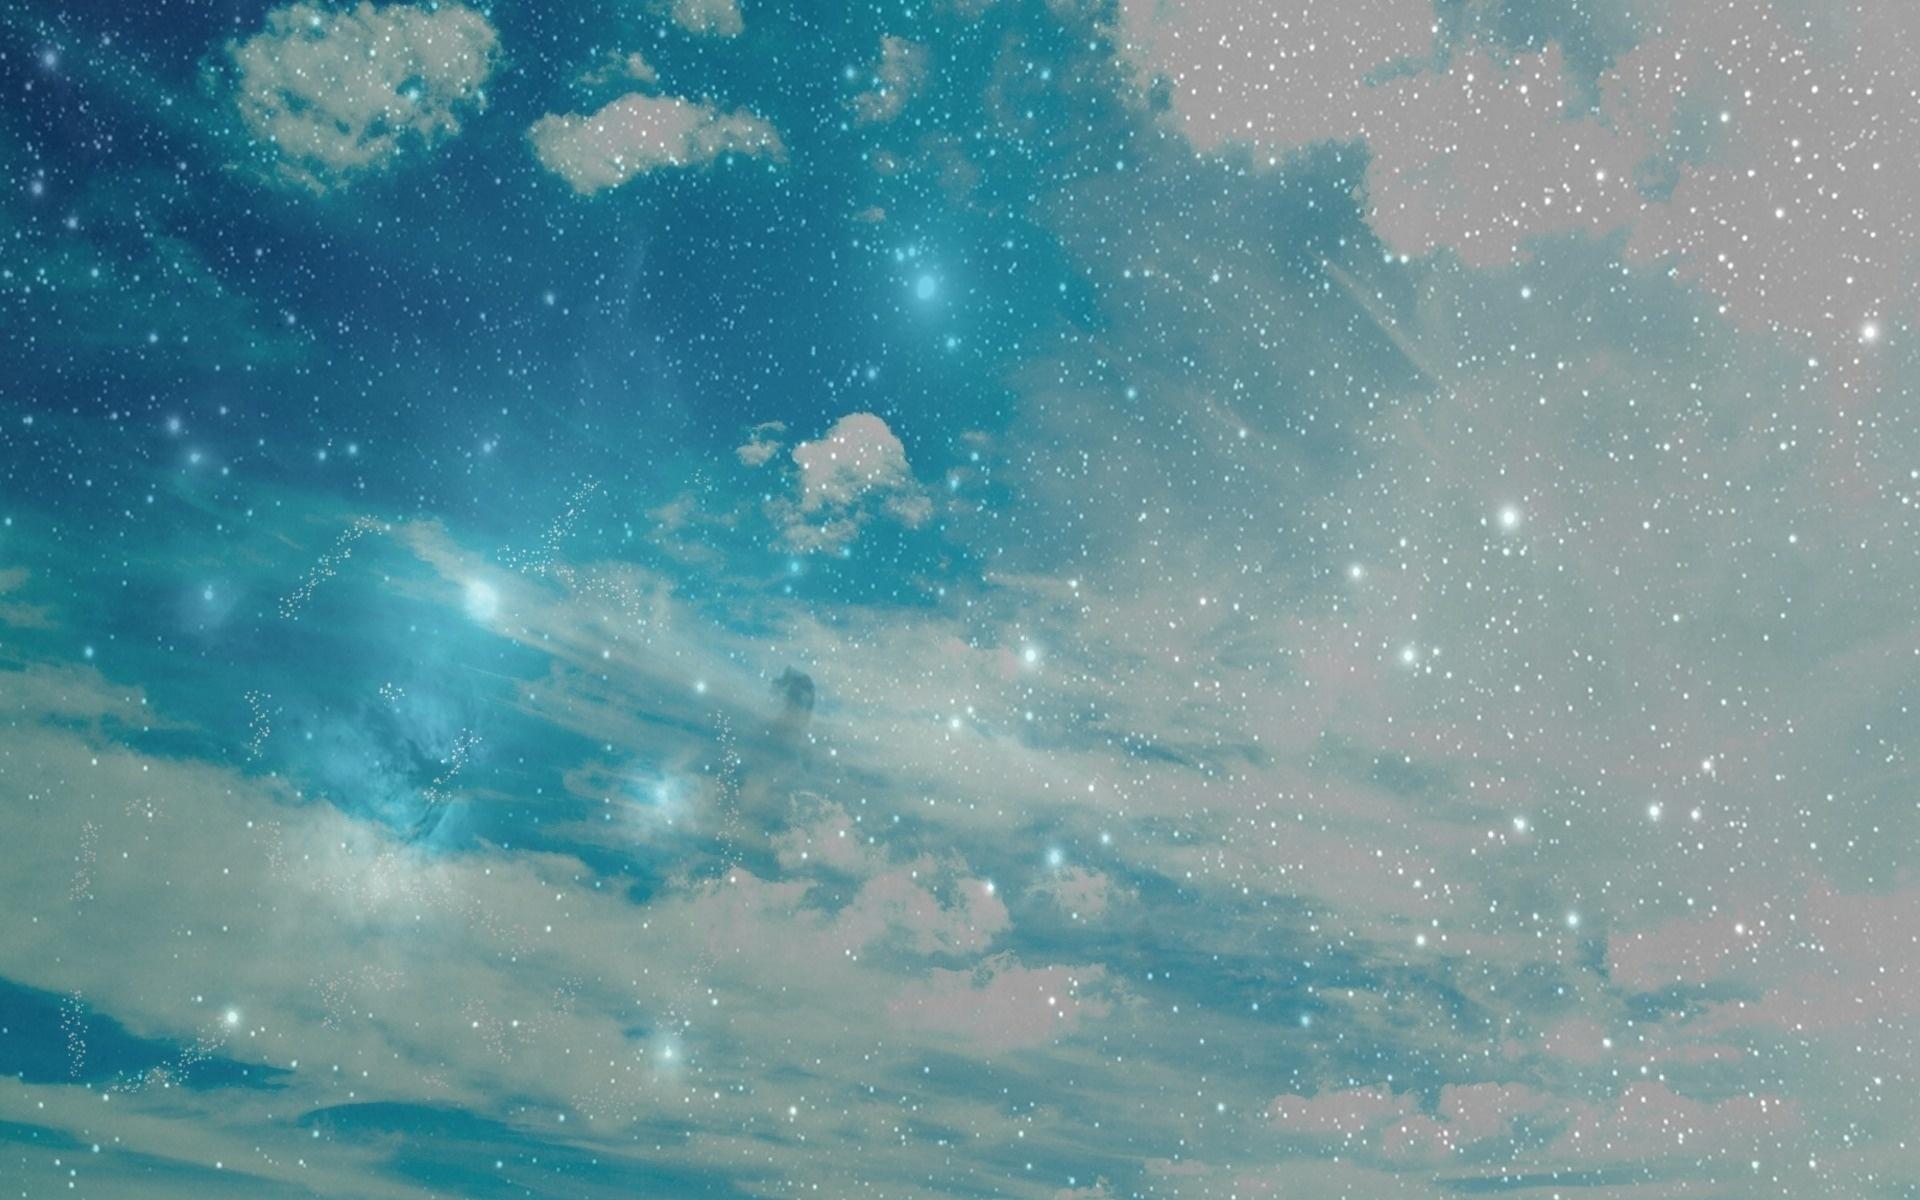 सूफ़ी, सूरज की तरह रौशन होते हैं और सारी दुनिया को रौशन करते हैं।